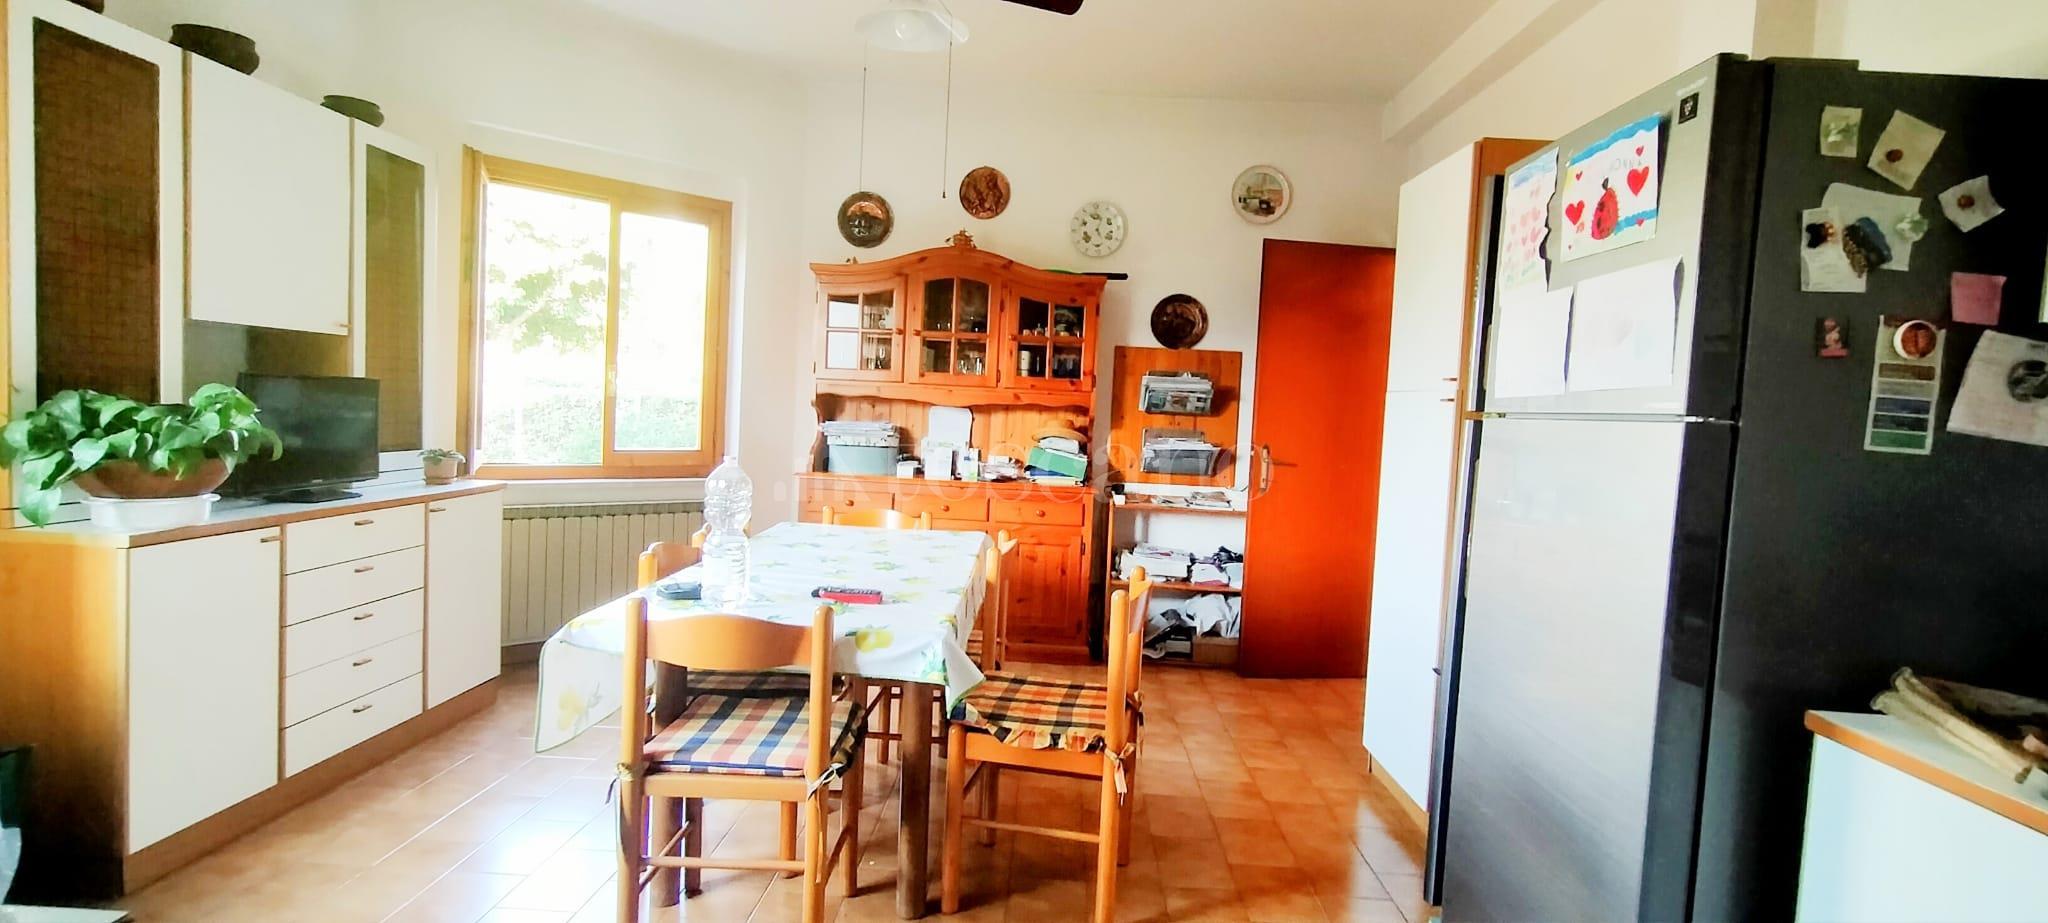 Villa in vendita di 350 mq a €799.000 (rif. 58/2020) immagine 11 di 15